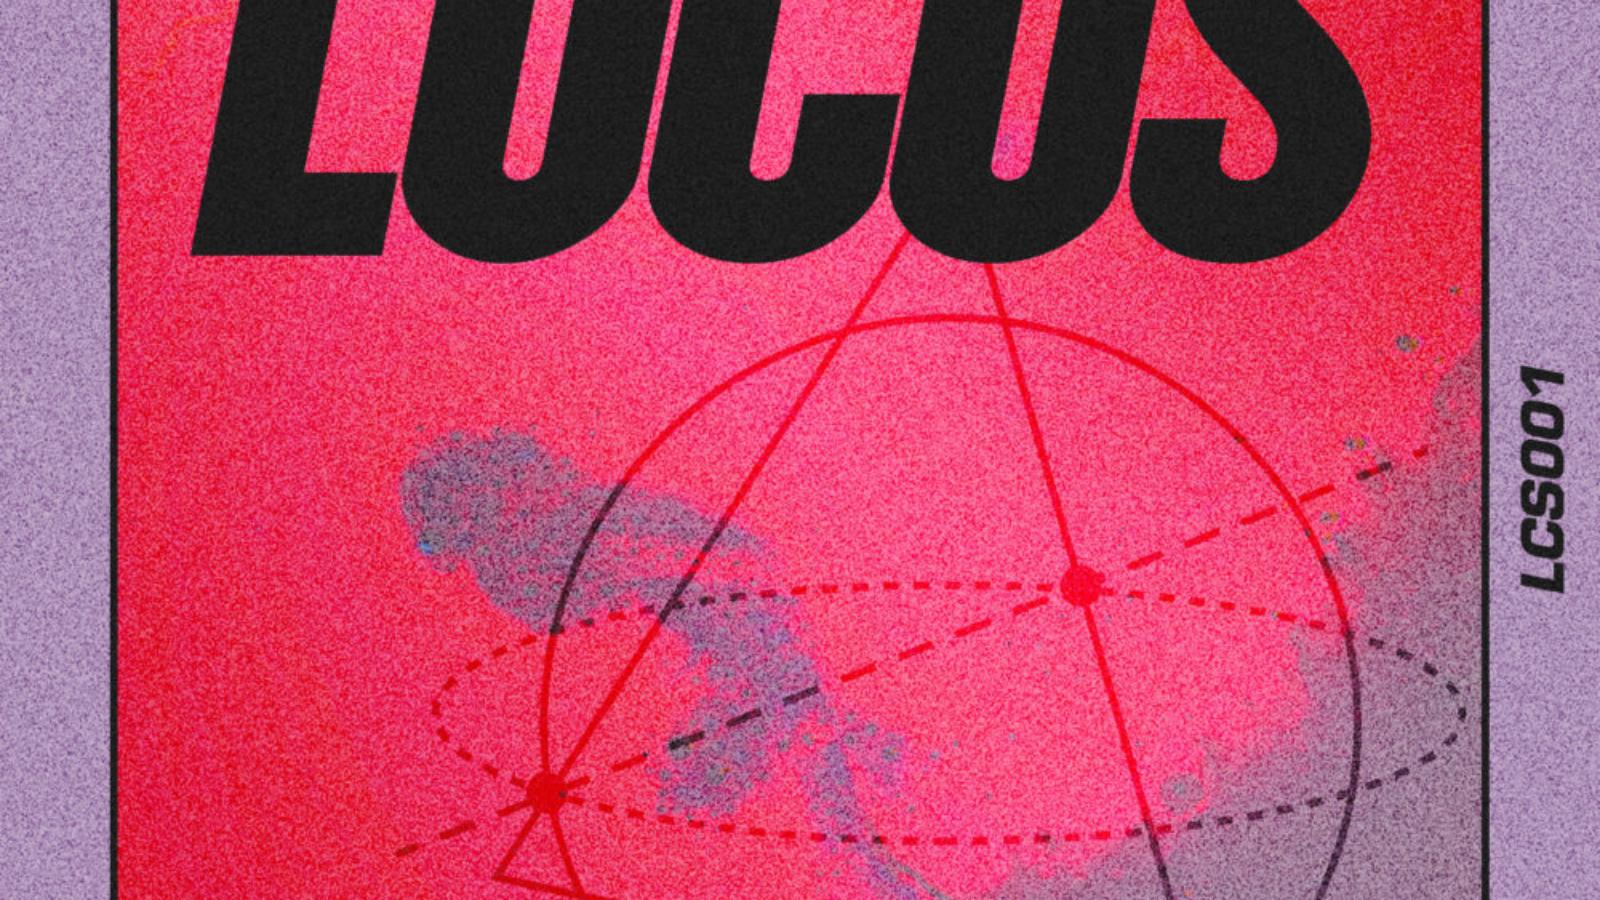 LCS001 ARTWORK KOKO - Love Me ASAP EP - LOCUS